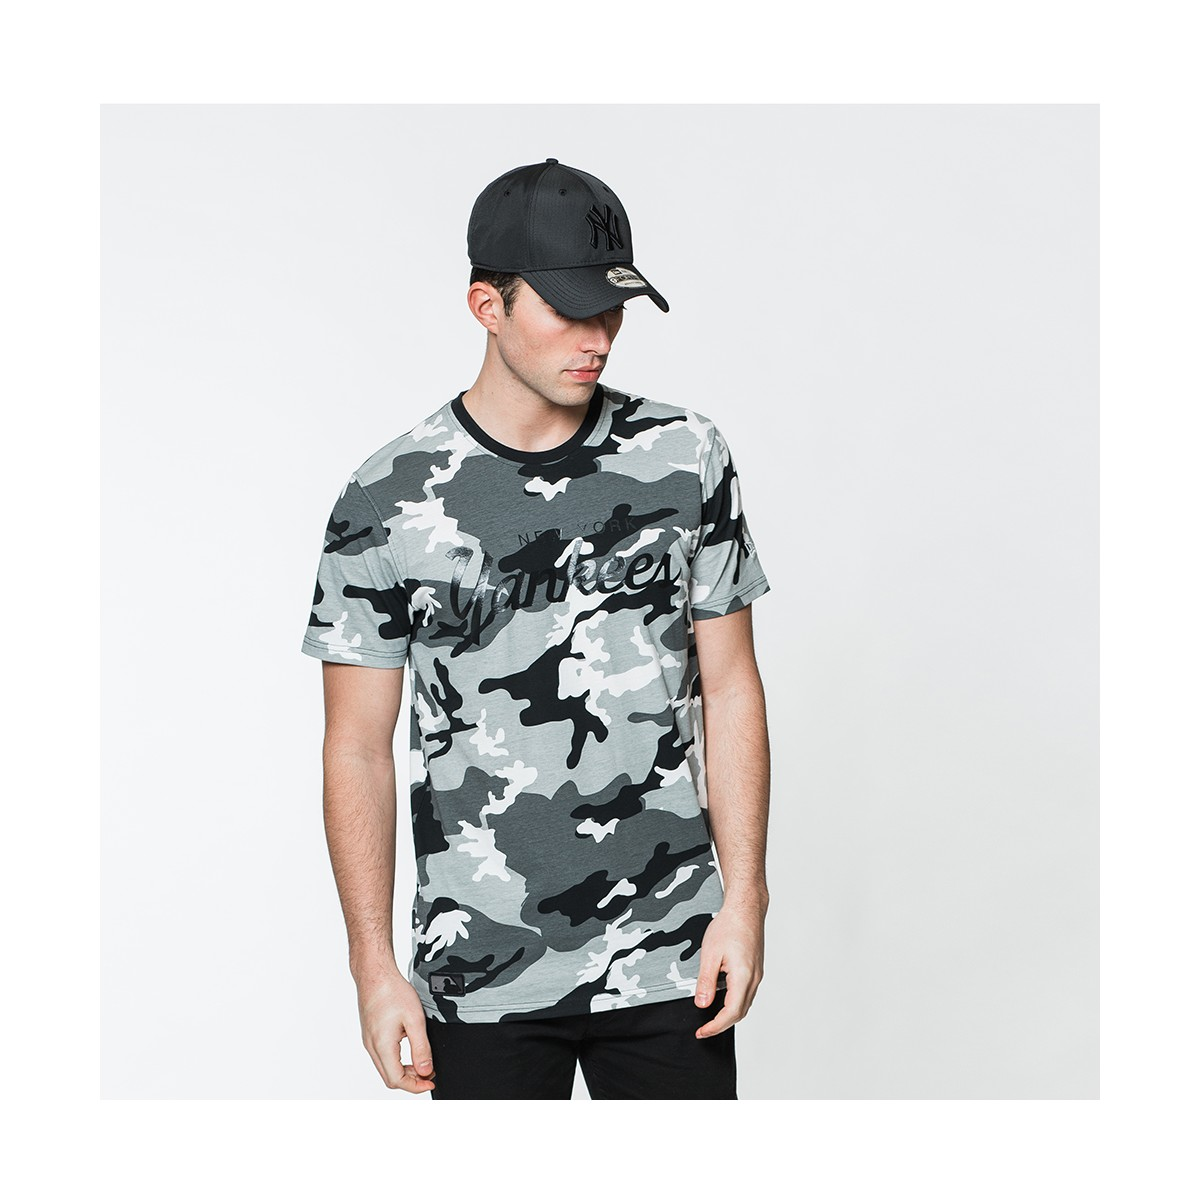 Tshirt New Era Team App New York Yankees Camo Tshirts